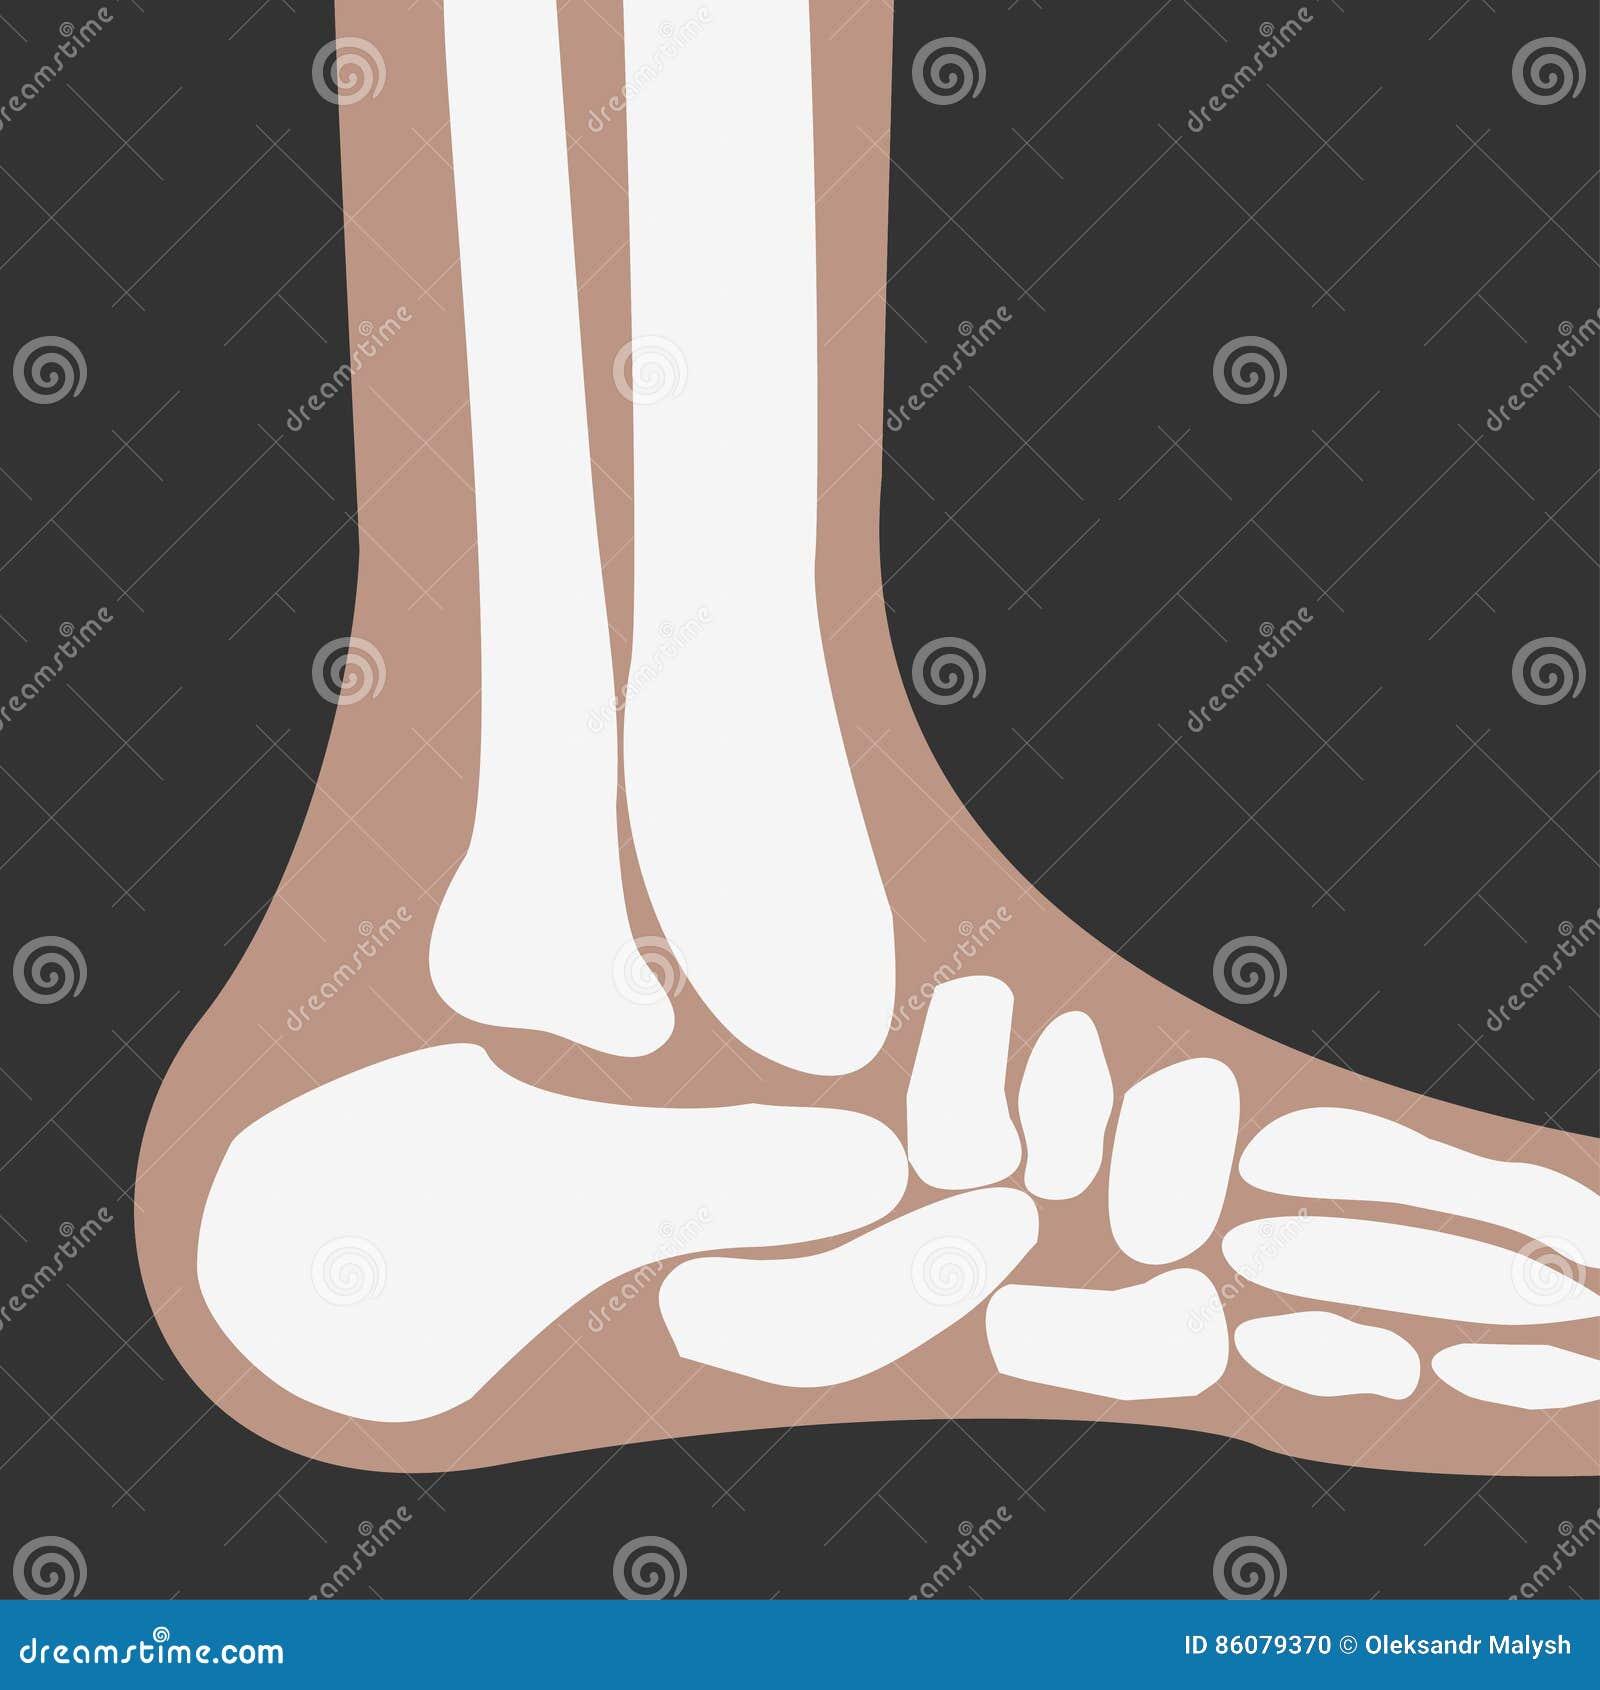 Huesos de pie humano ilustración del vector. Ilustración de cuidado ...